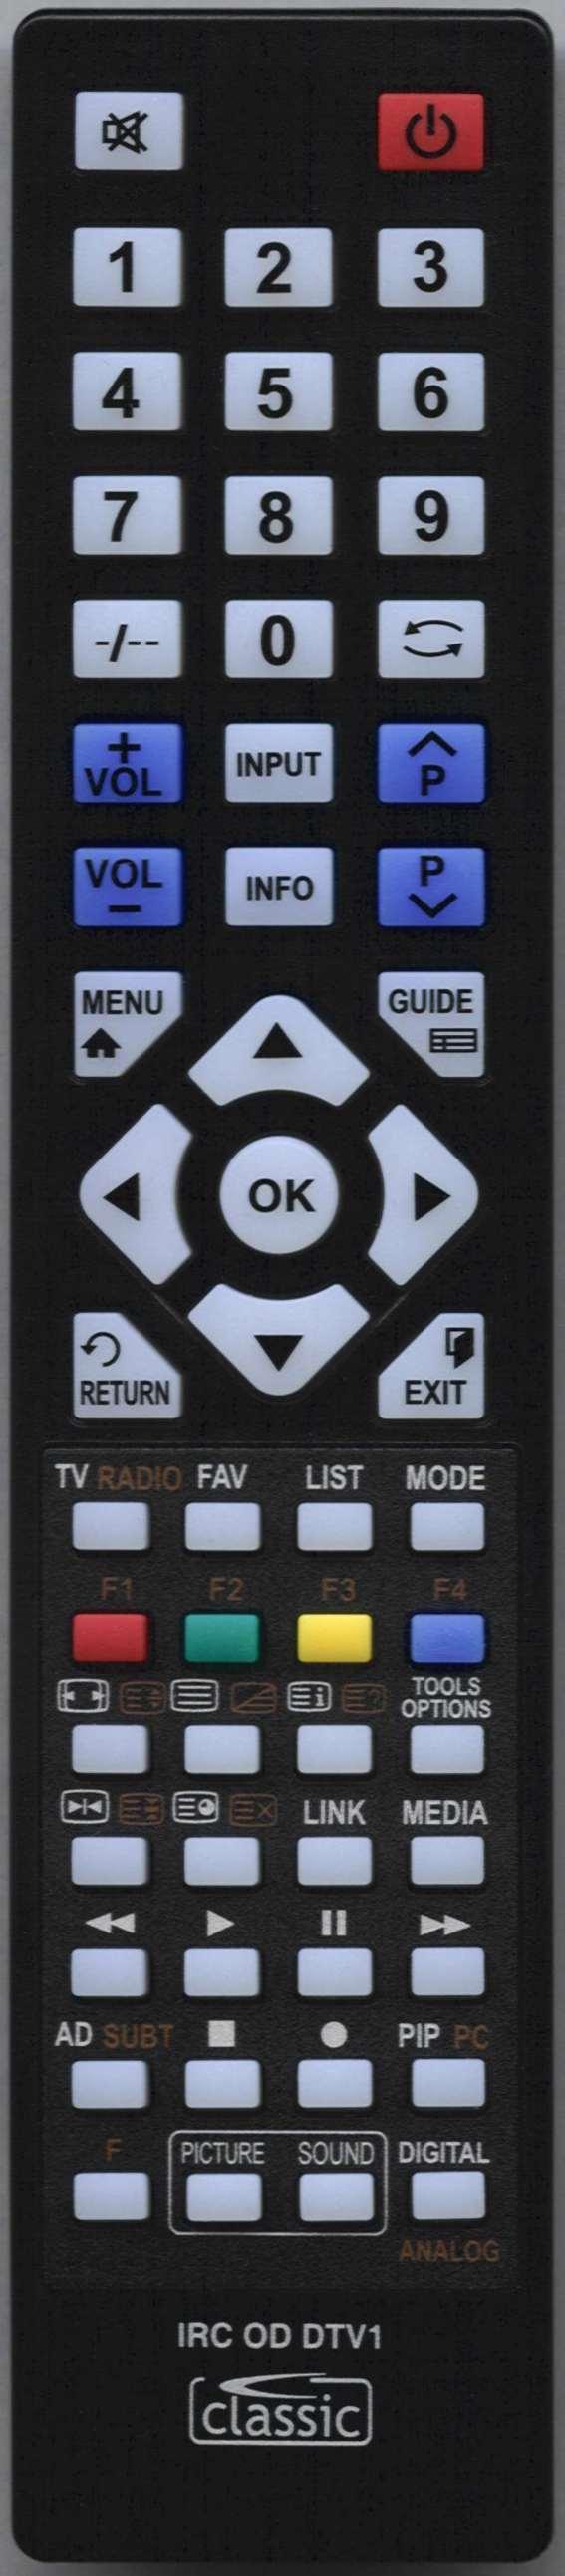 VIDEOCON NU224LD Remote Control